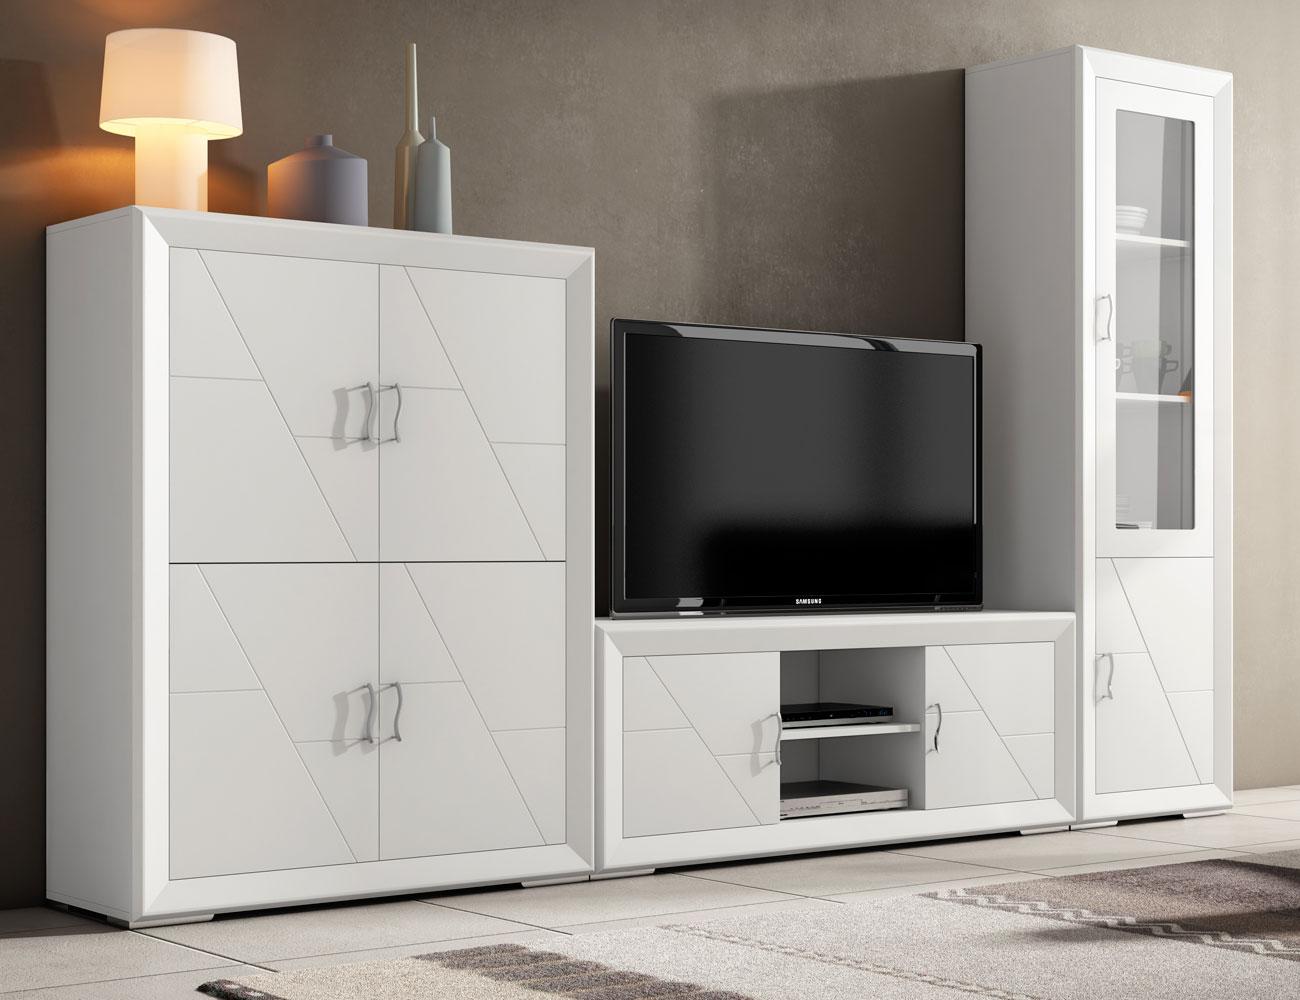 Muebles de gran calidad en madera con vitrina y librero en - Muebles coloniales blancos ...